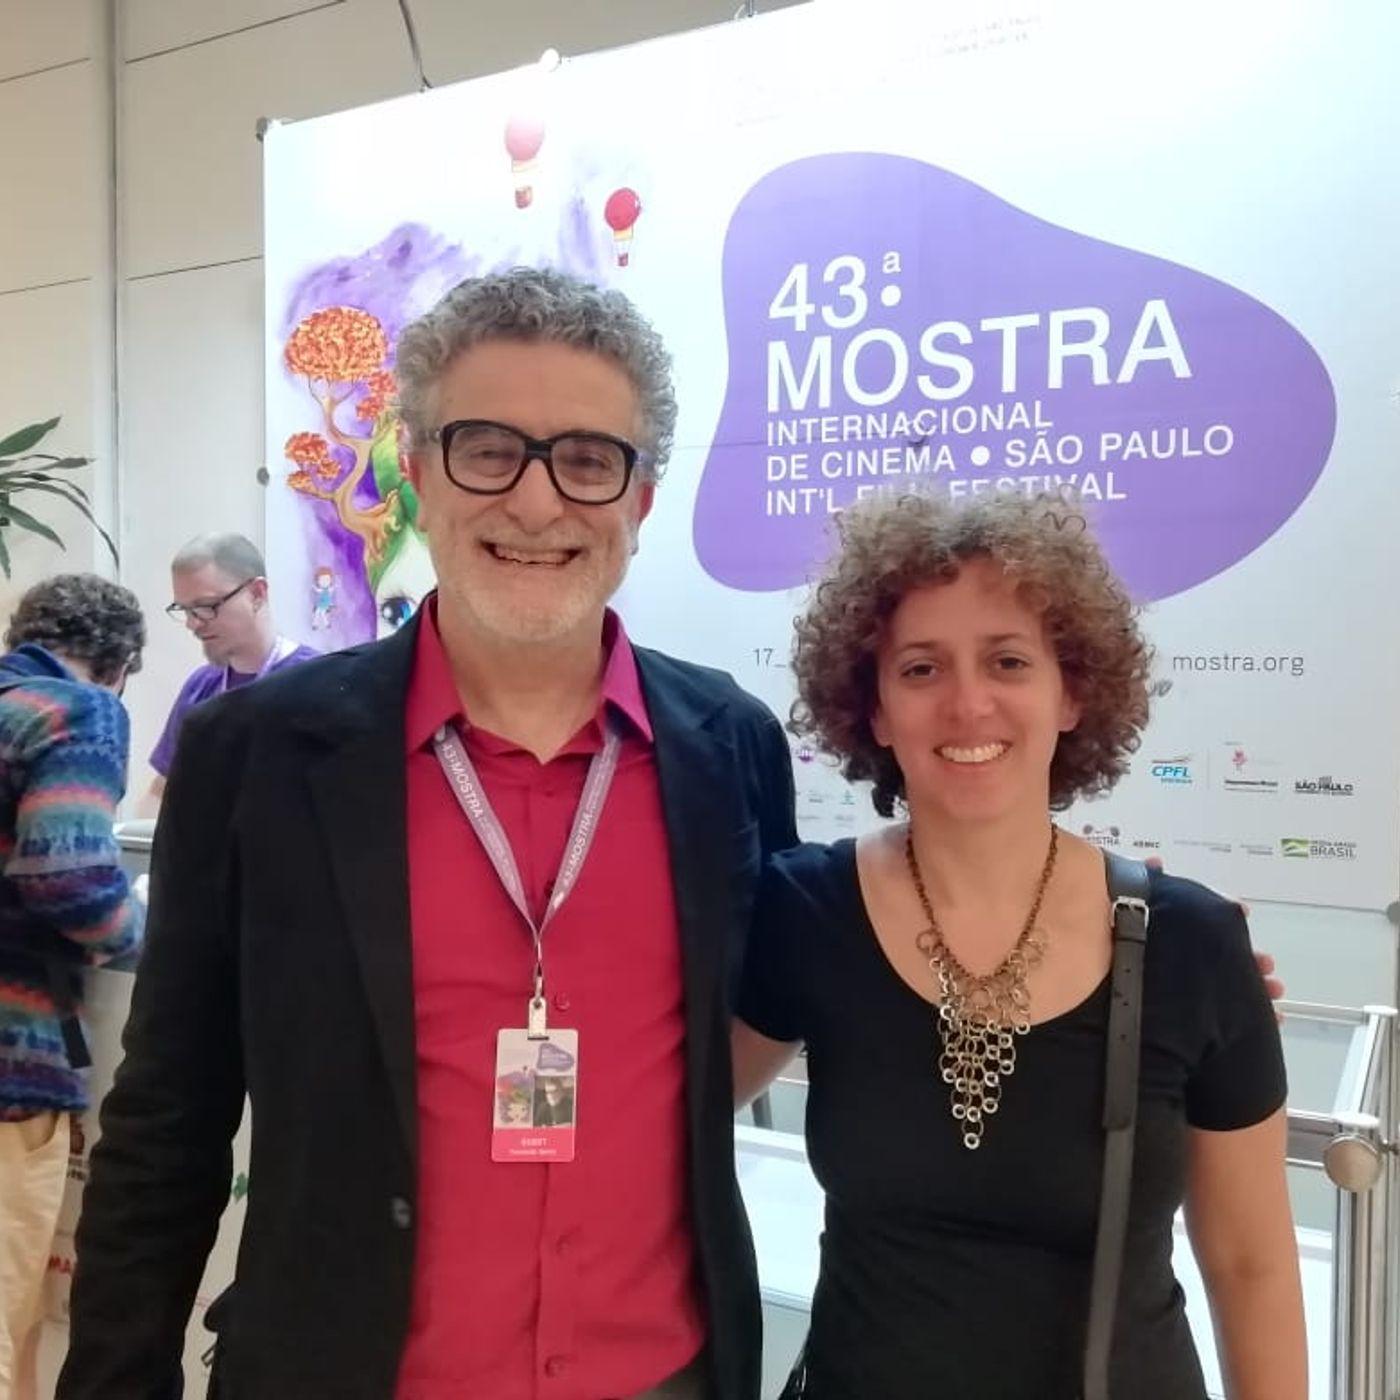 Los especiales de GPS Audiovisual - Productores Audiovisuales T2 - E31 Magdalena Schavelzon y Fernando Spiner (Boya Films)